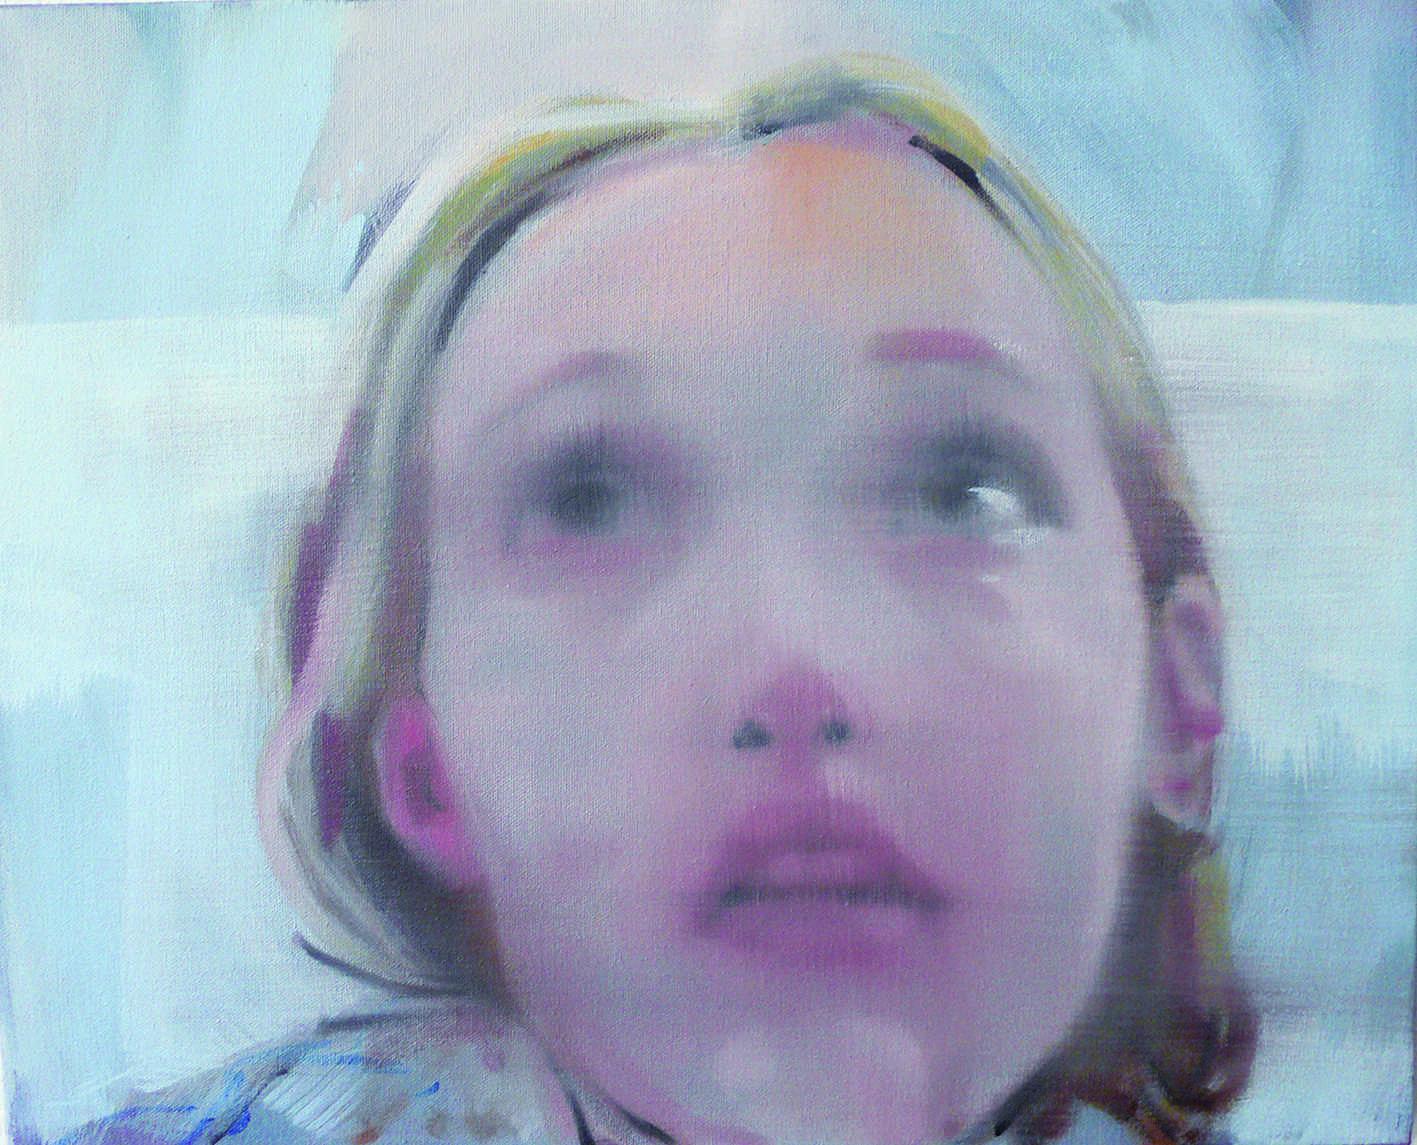 Helen O'Sullivan-Tyrrell, The Convalescent, oil on canvas, 2014